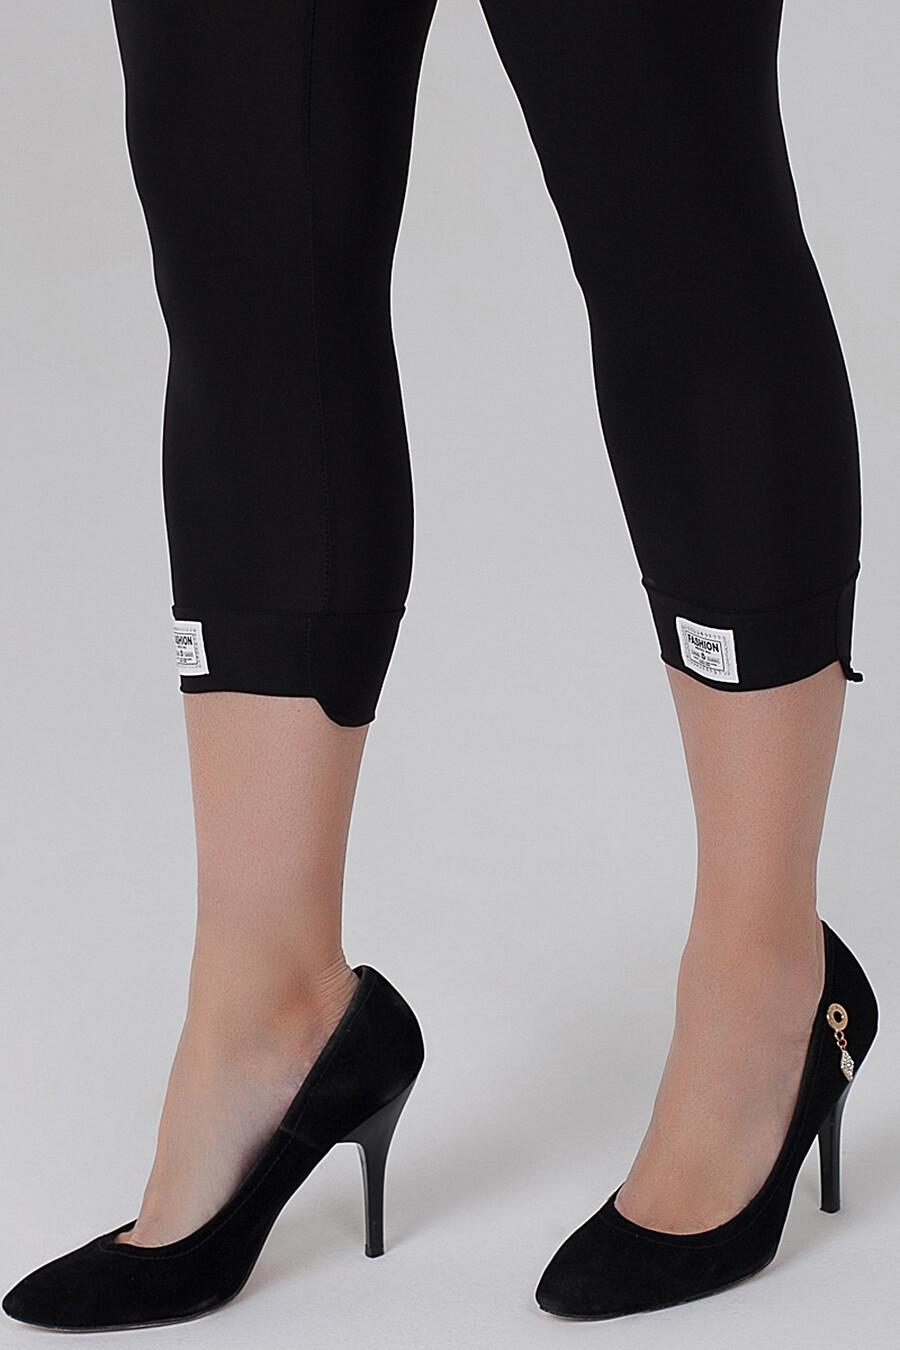 Легинсы для женщин SPARADA 184345 купить оптом от производителя. Совместная покупка женской одежды в OptMoyo